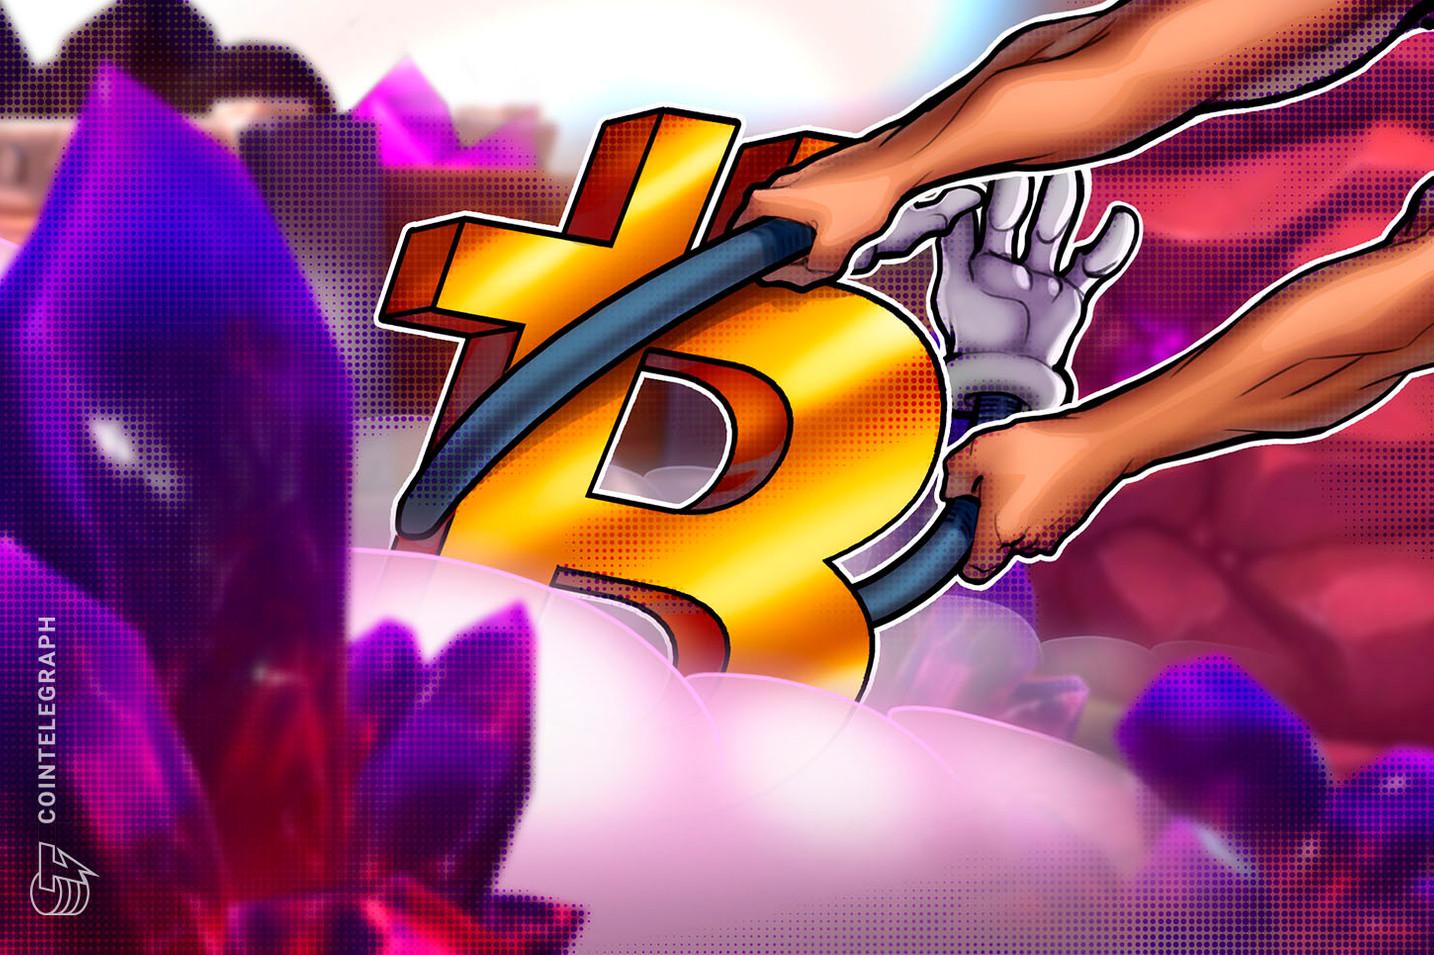 Bitcoin se hará más fuerte después de la crisis, dice el congresista estadounidense Emmer